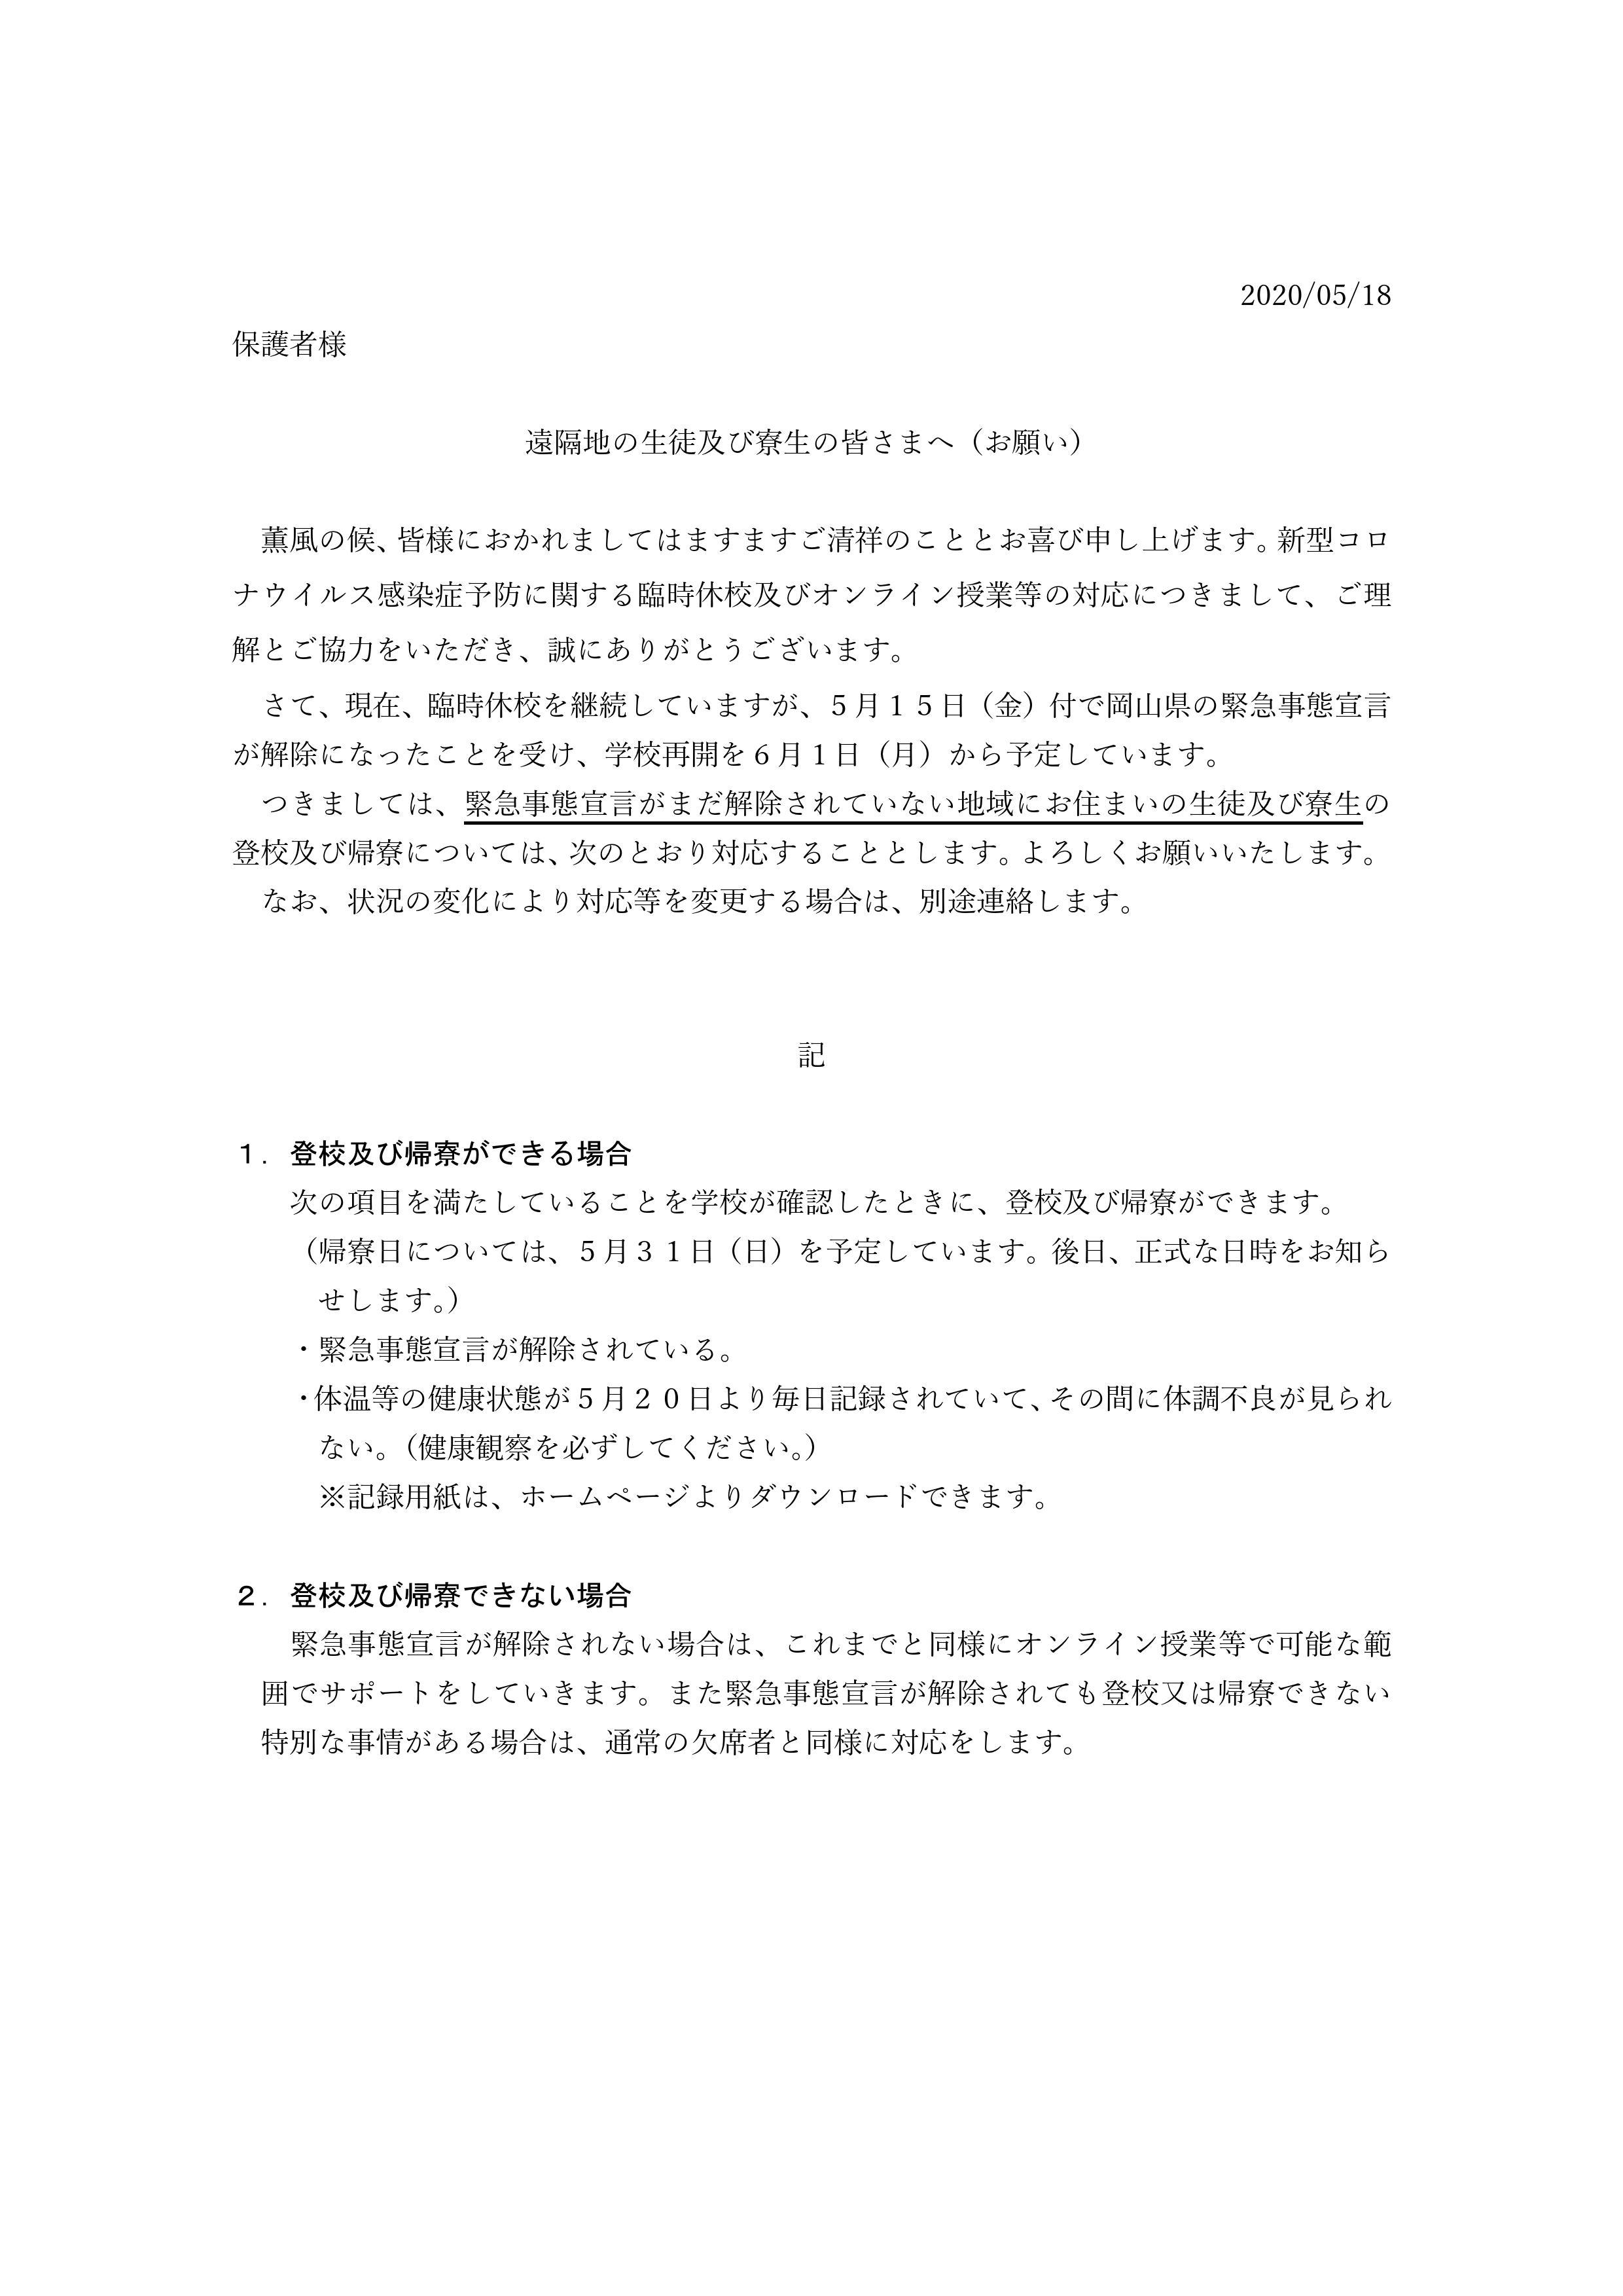 20200519寮生遠隔地の生徒の皆様へ_000001